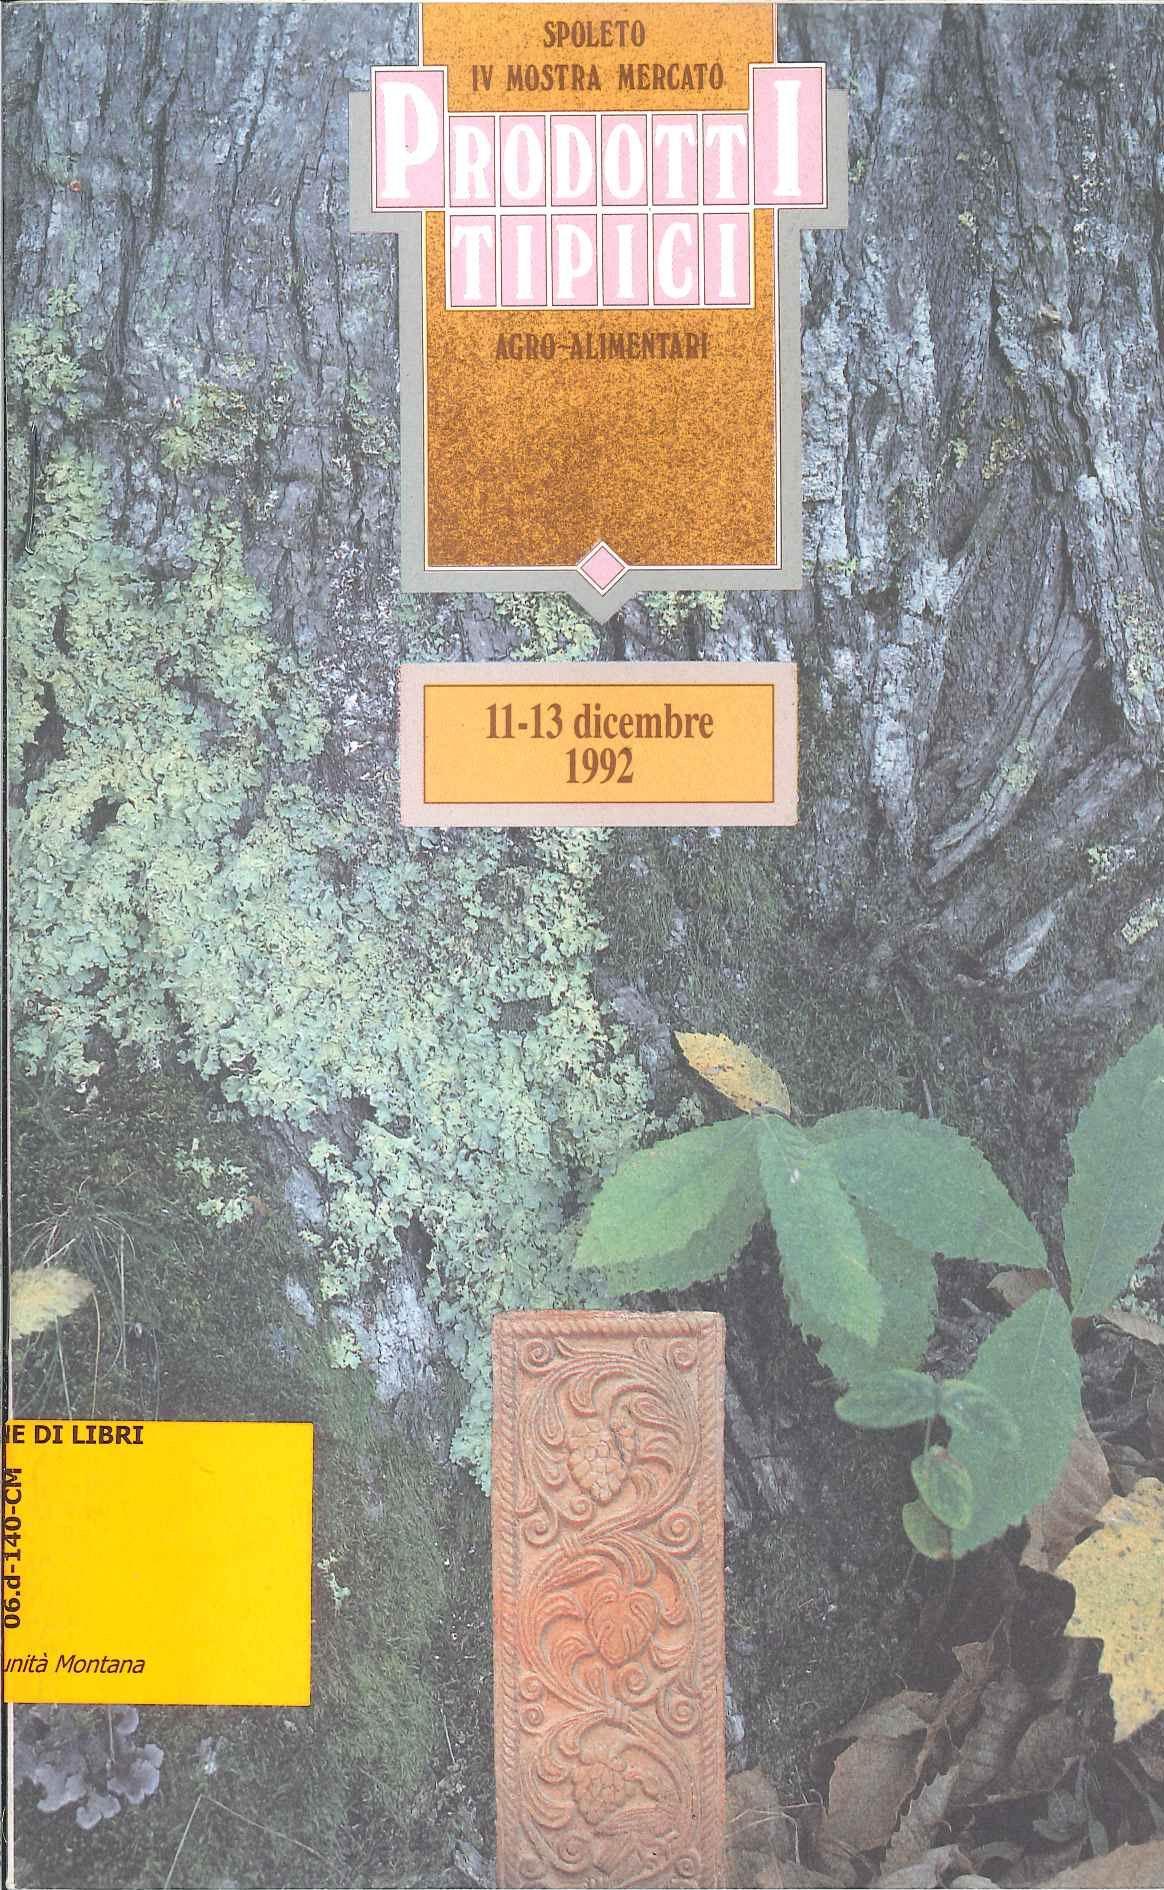 Spoleto. Mostra mercato prodotti tipici agroalimentari (11-13 dicembre 1992)